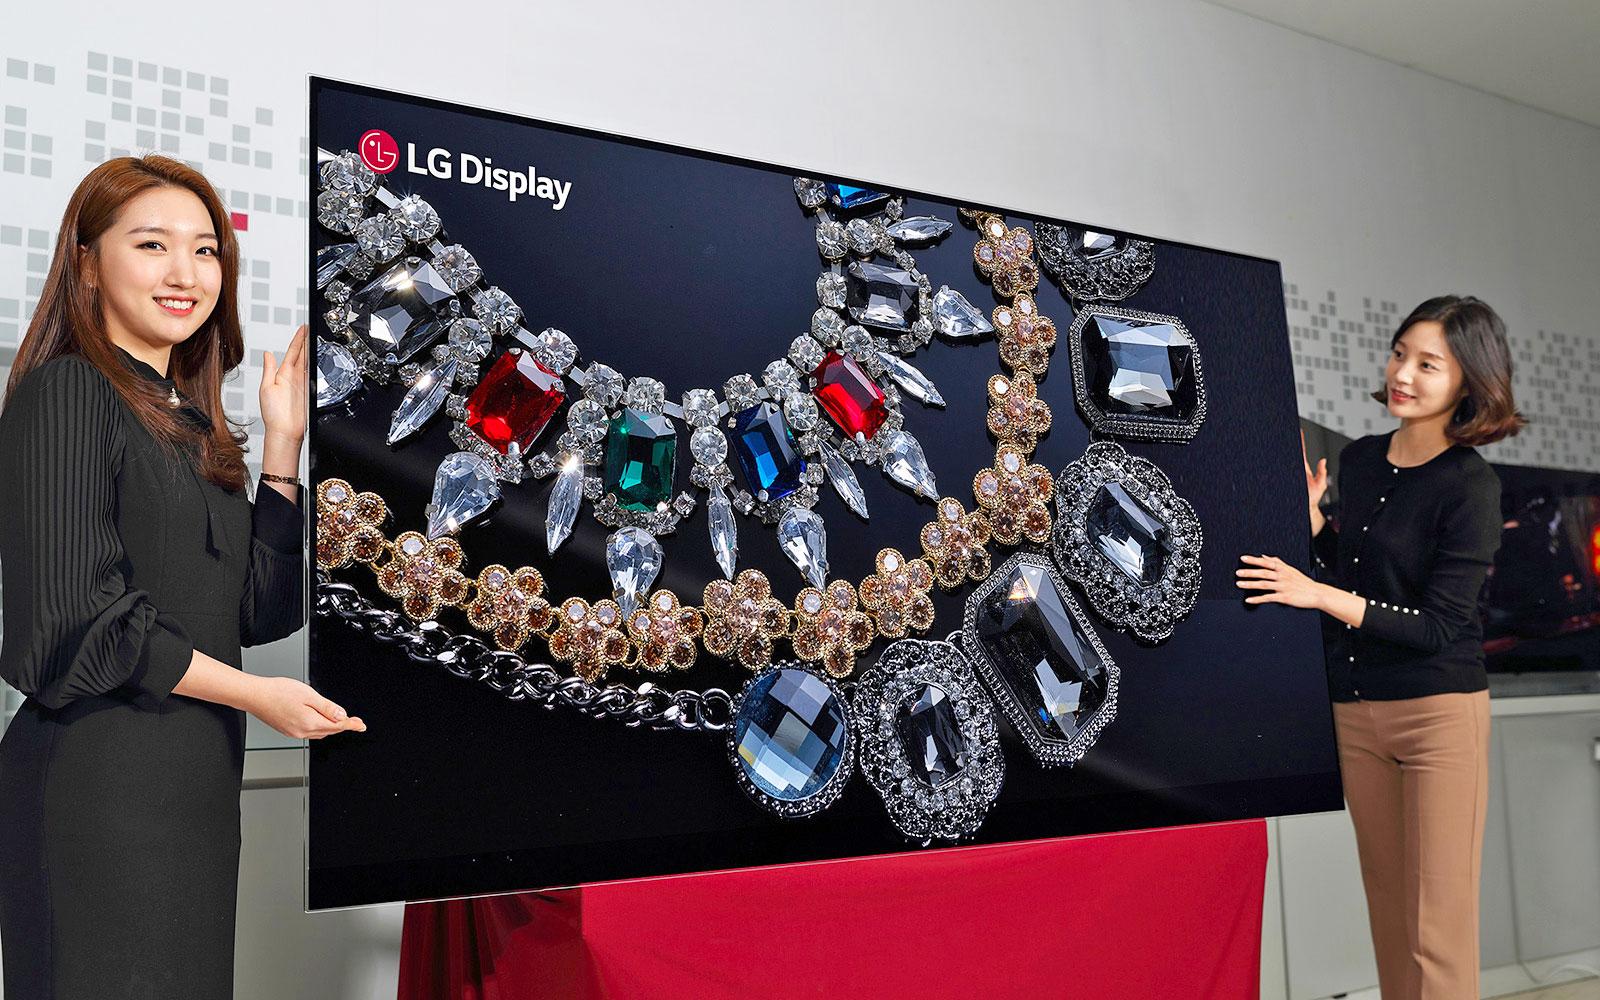 En Prélude au CES, LG dévoile un écran OLED 8K de 88 pouces